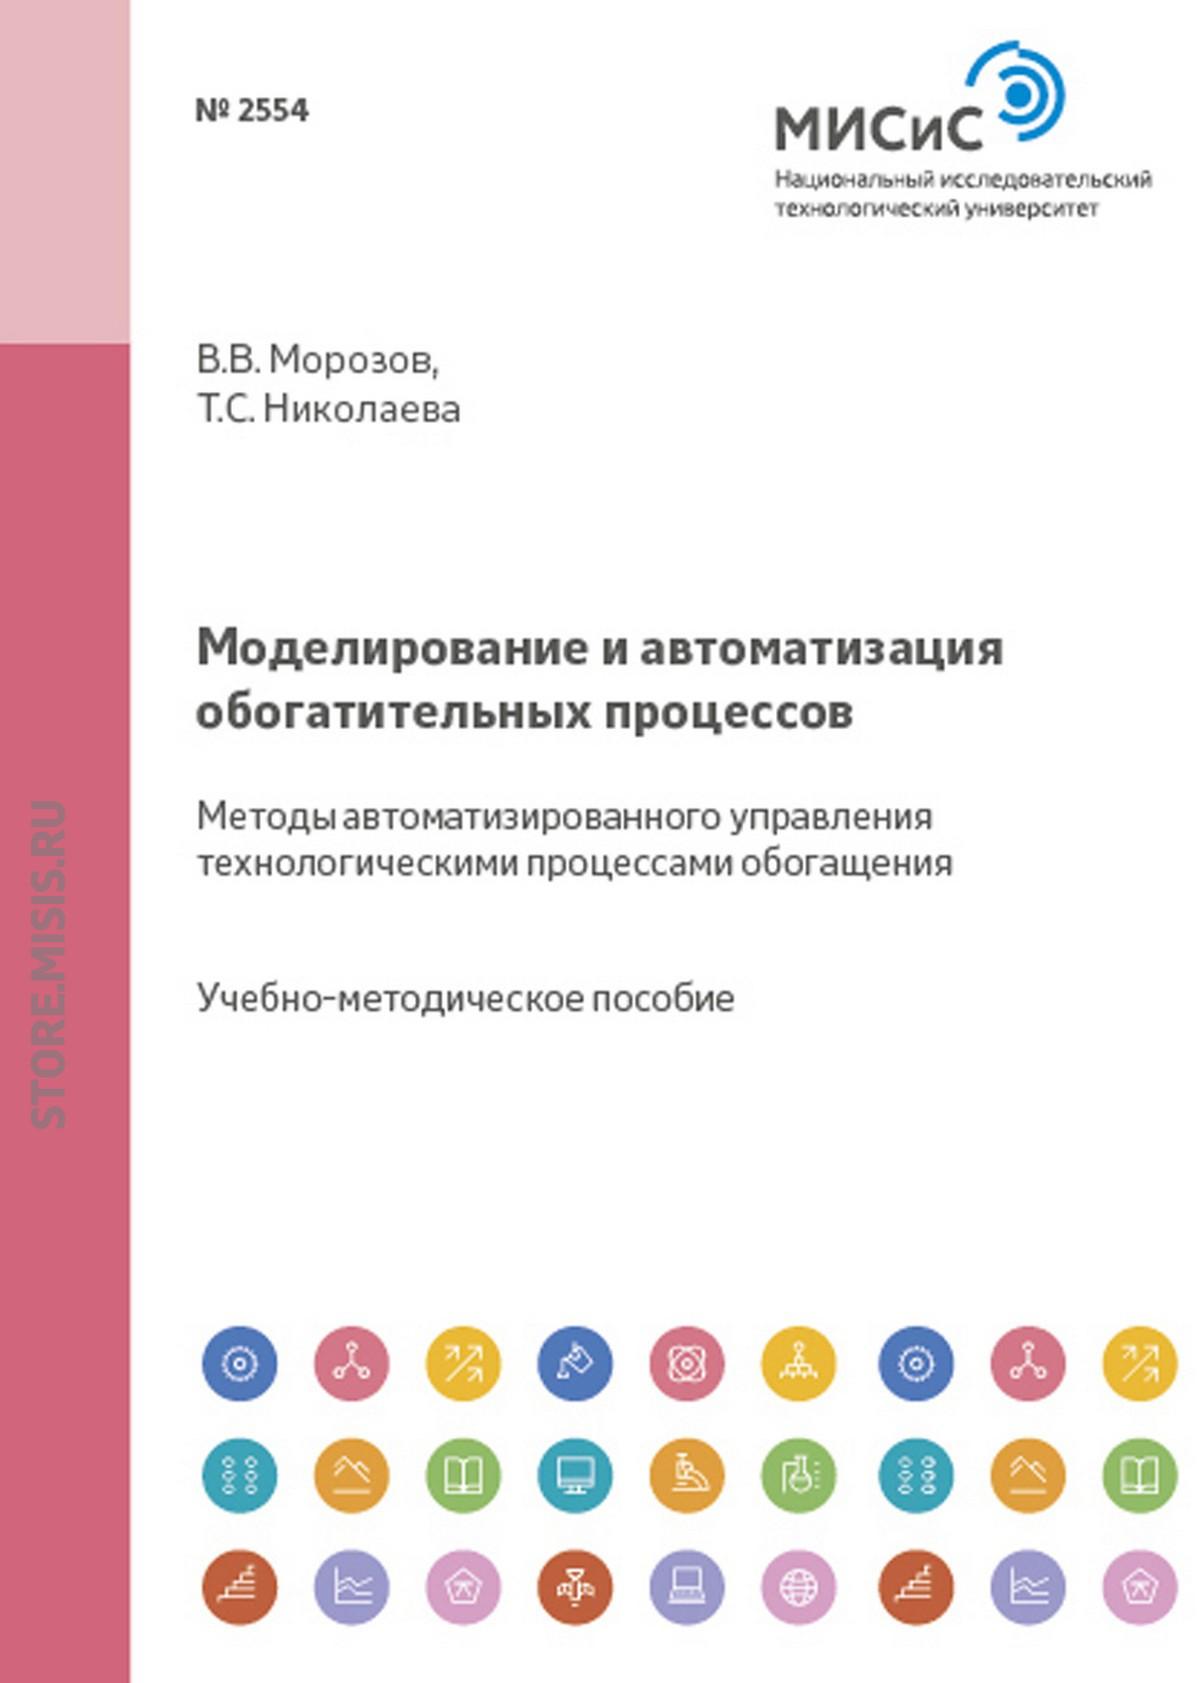 Т. С. Николаева Моделирование и автоматизация обогатительных процессов. Методы автоматизированного управления технологическими процессами обогащения в н евсюков система управления технологическими процессами пищевых производств